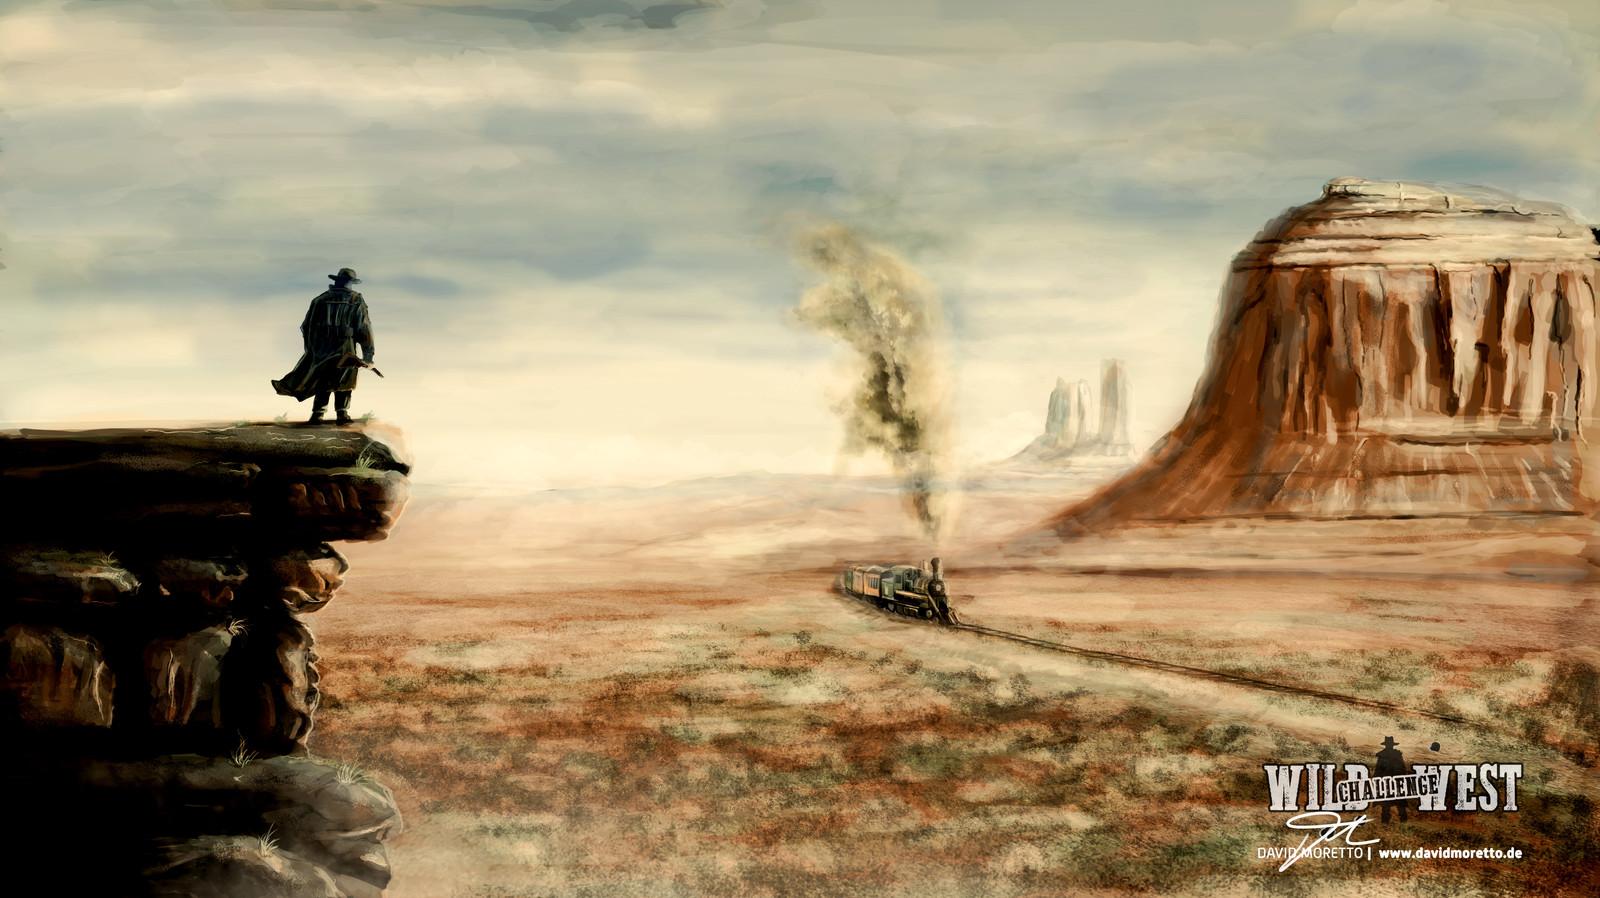 final scene Illustration THE LATE REVENGE! #1